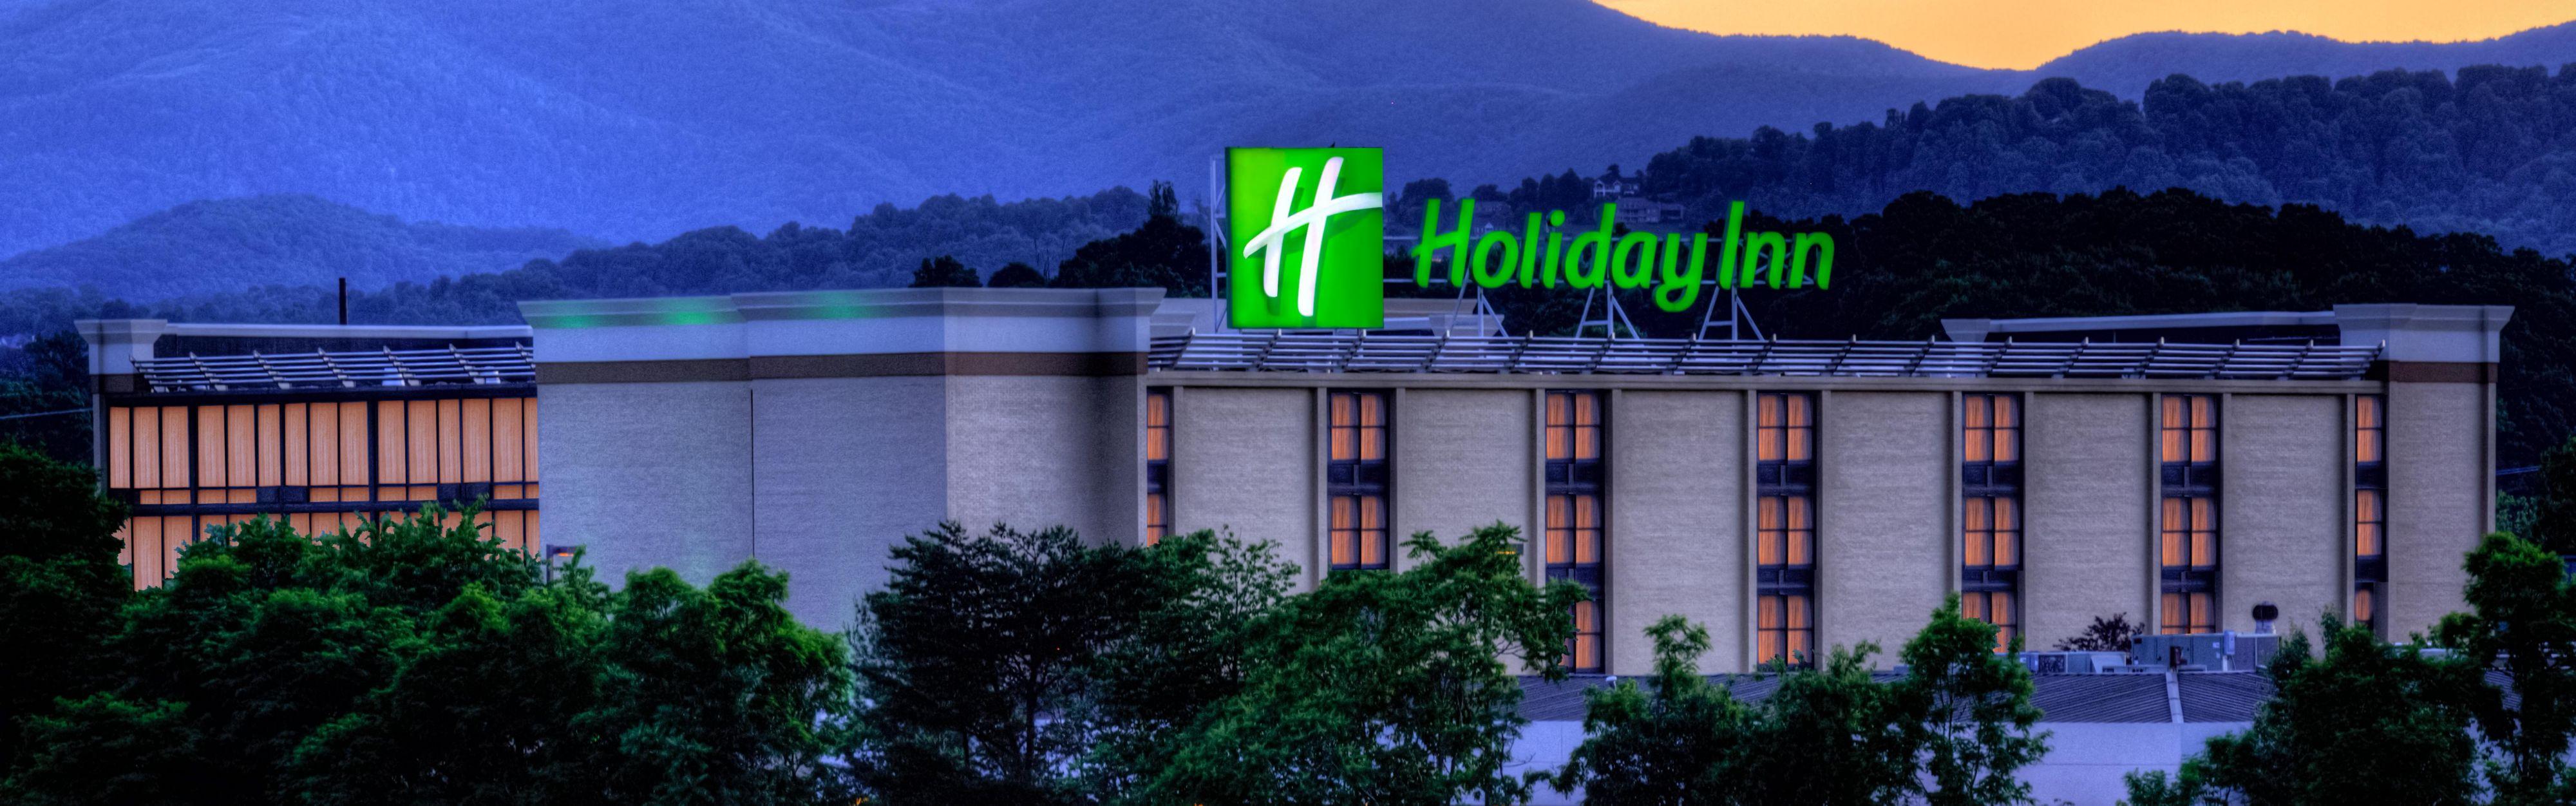 Holiday Inn Roanoke-Tanglewood-Rt 419&I581 image 0